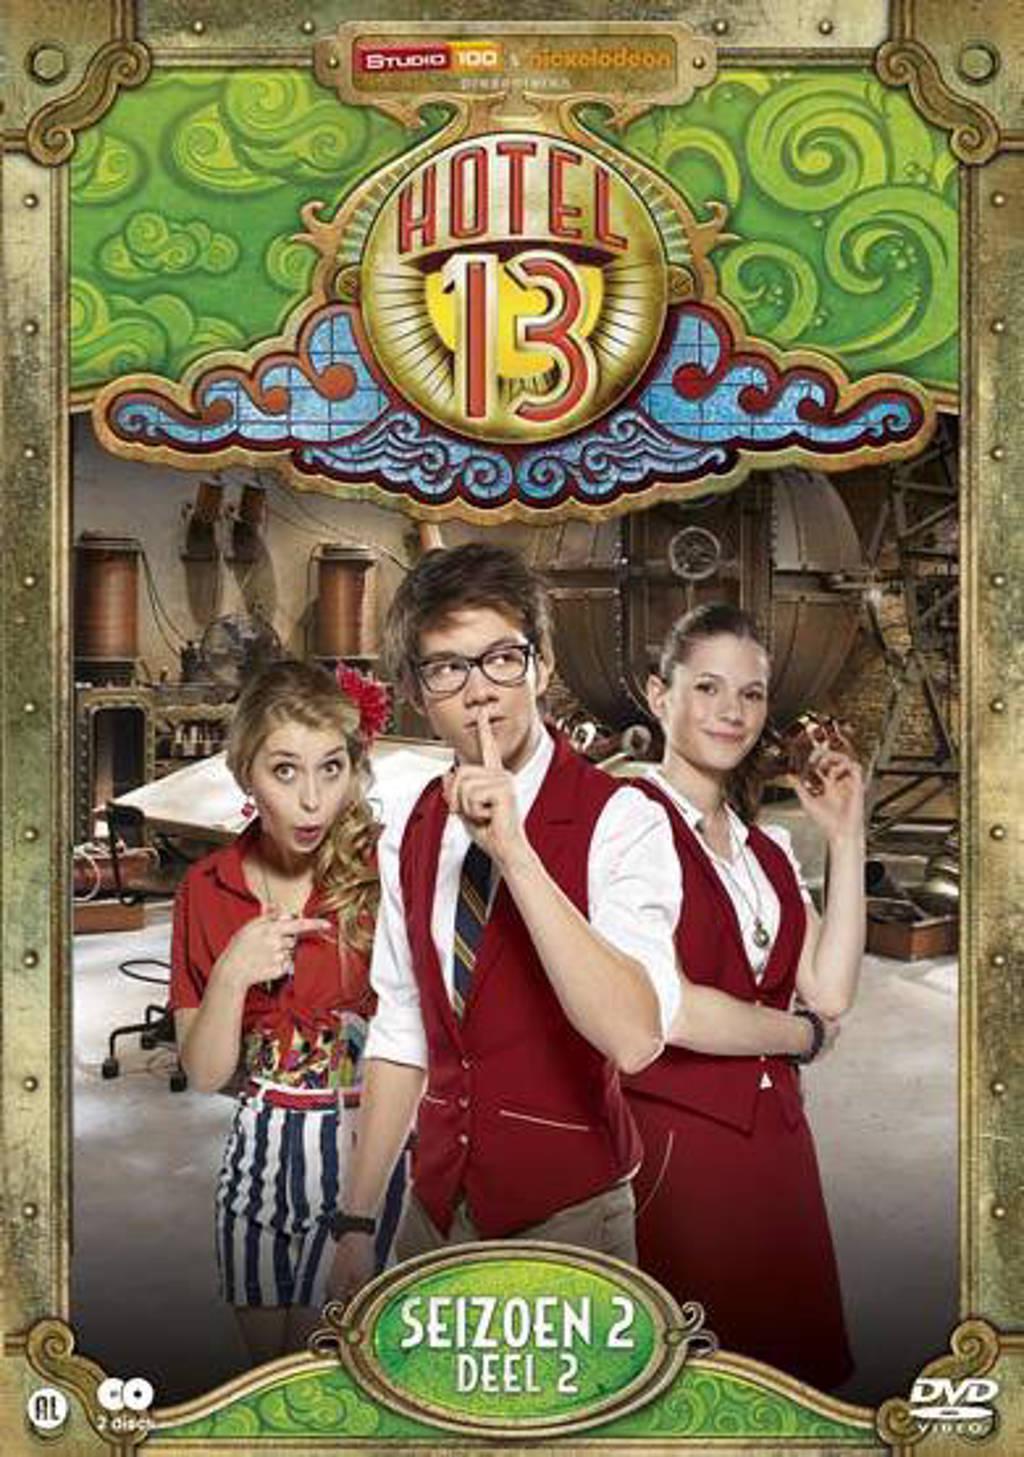 Hotel 13 - Seizoen 2 deel 2 (DVD)